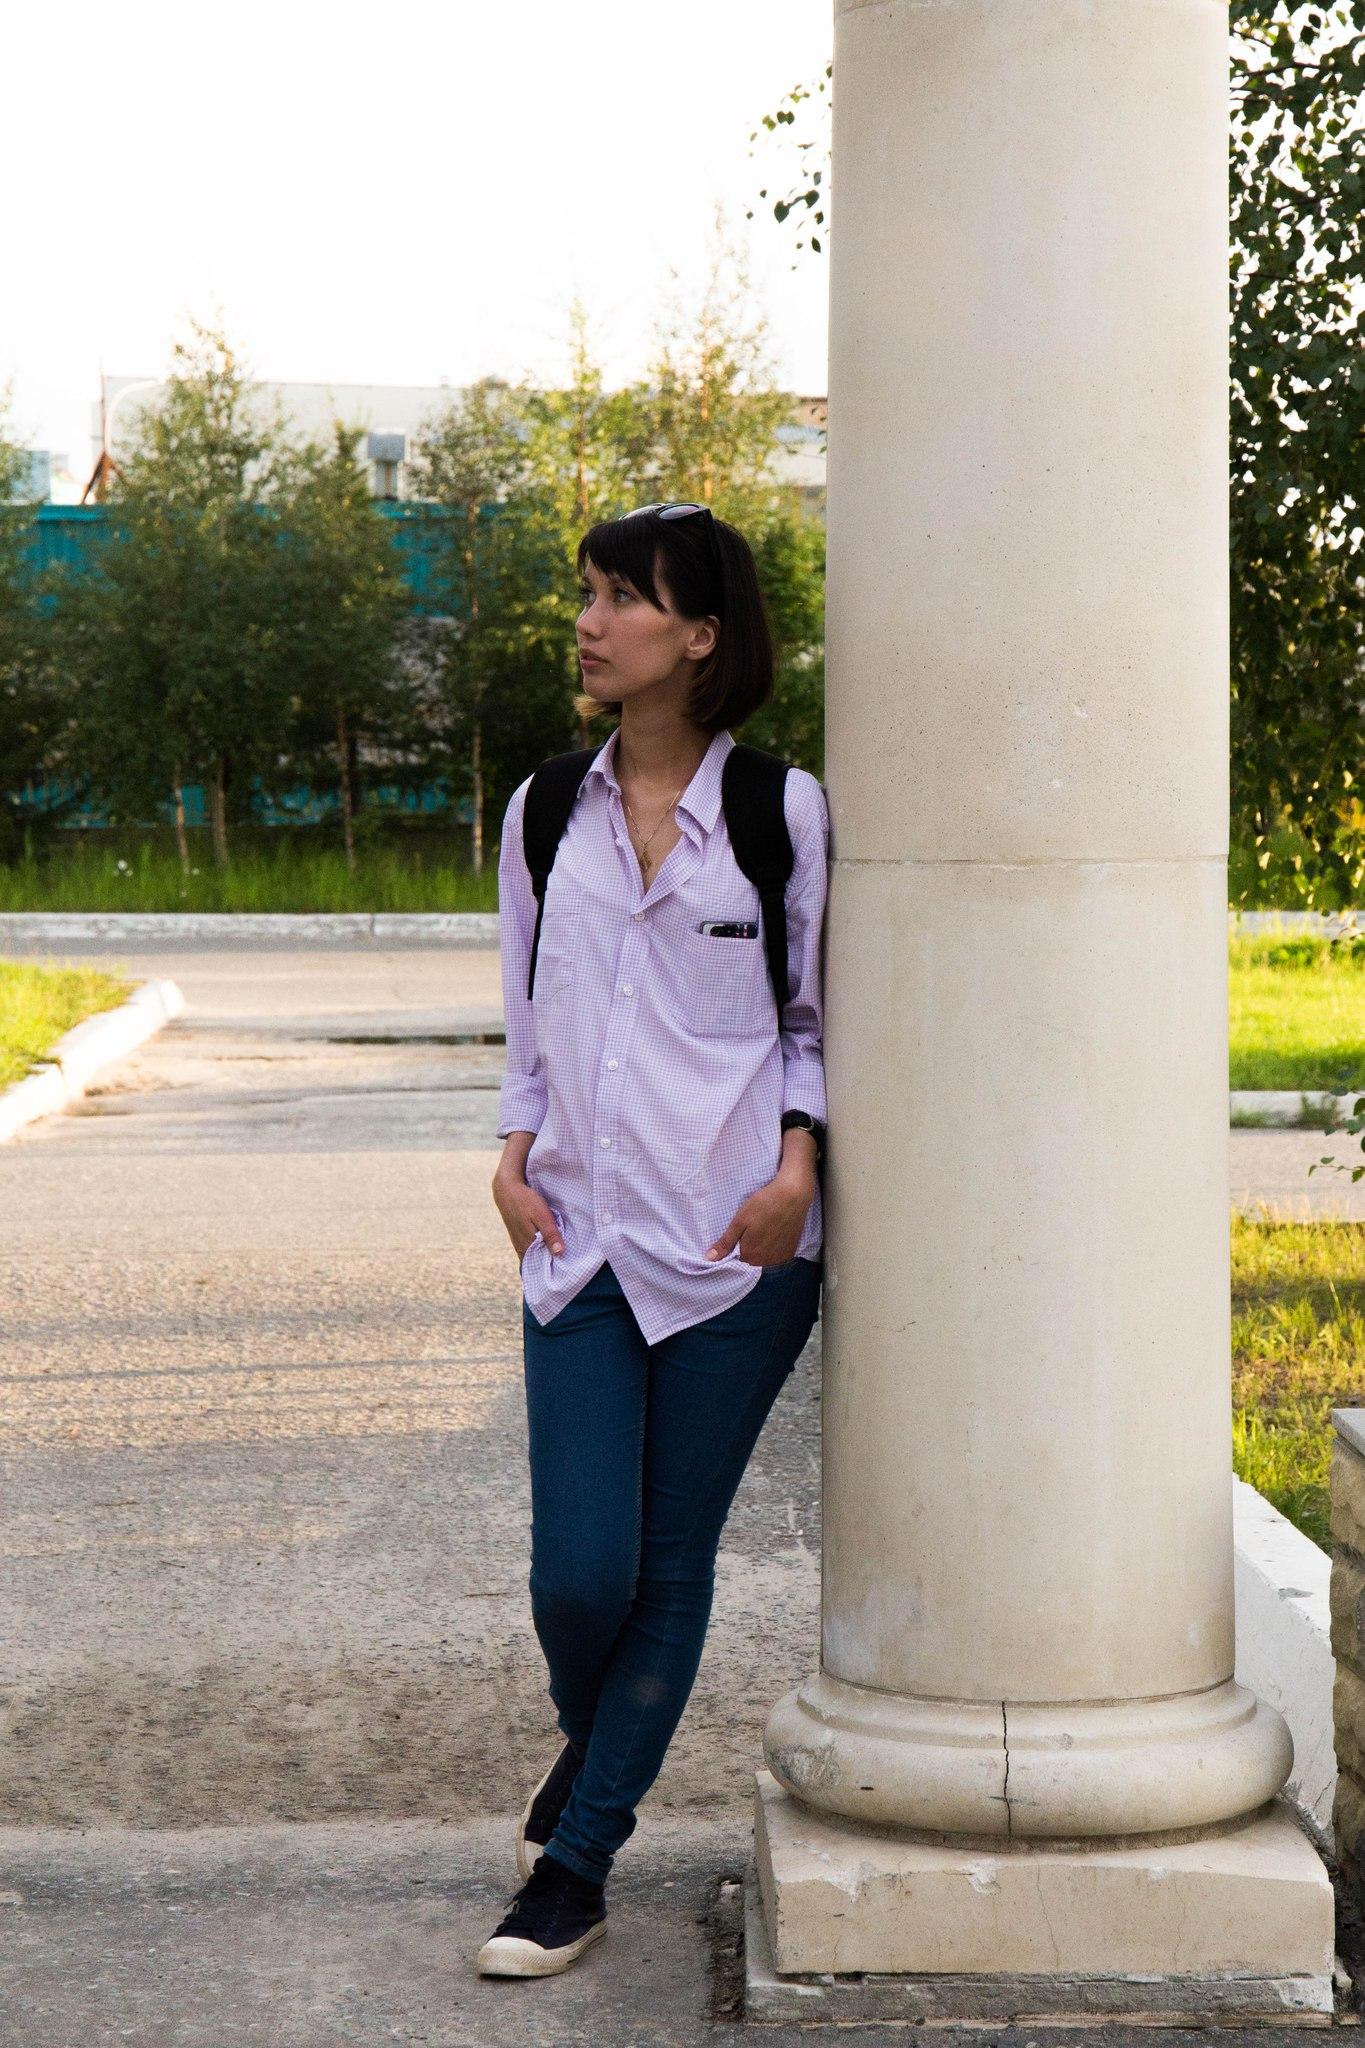 Девушка из нового уренгоя фото